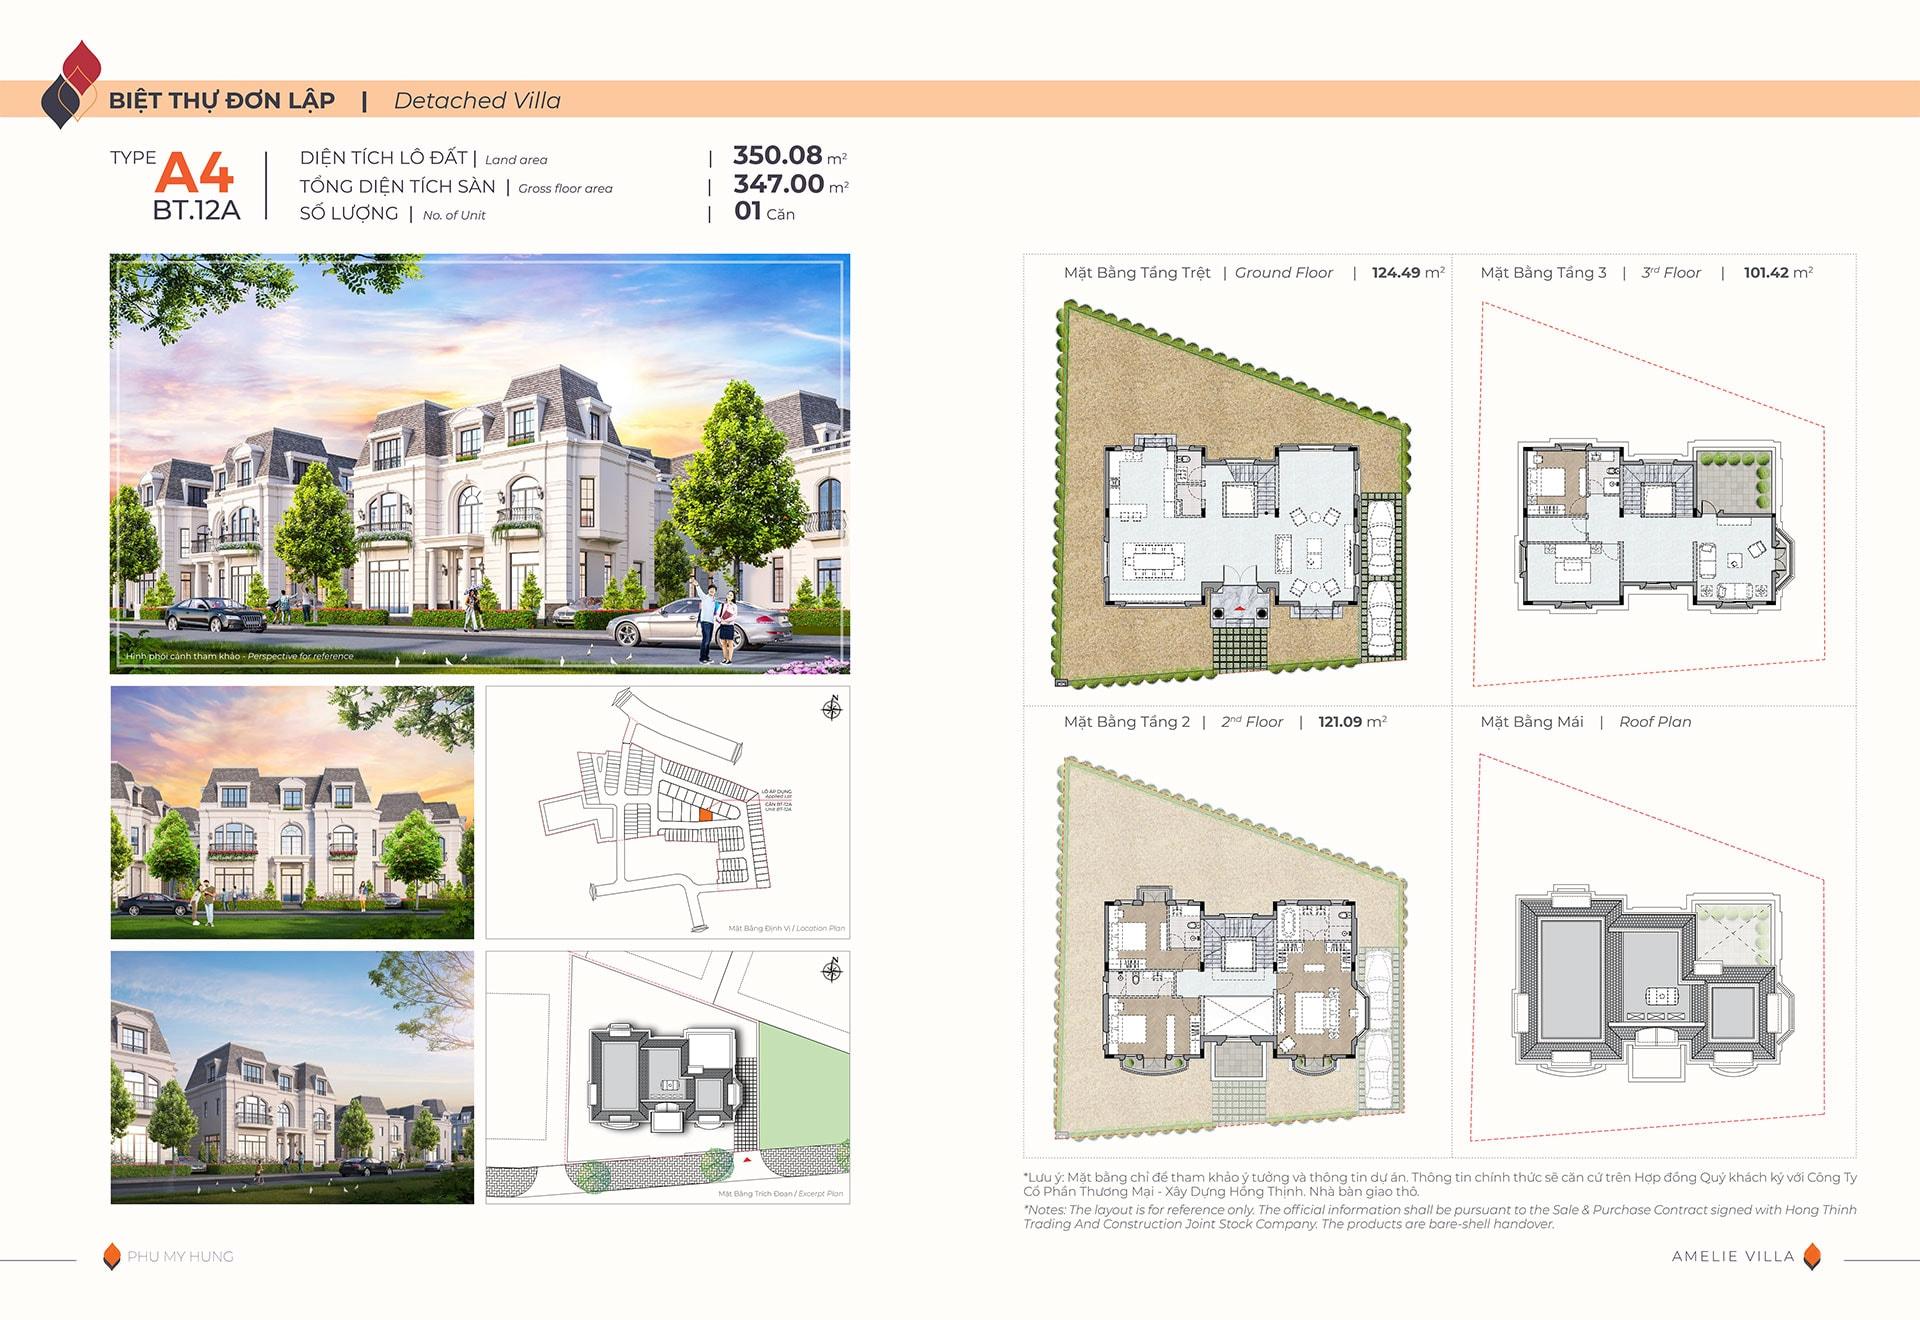 Mặt bằng biệt thự đơn lập Amelie Villa type A4